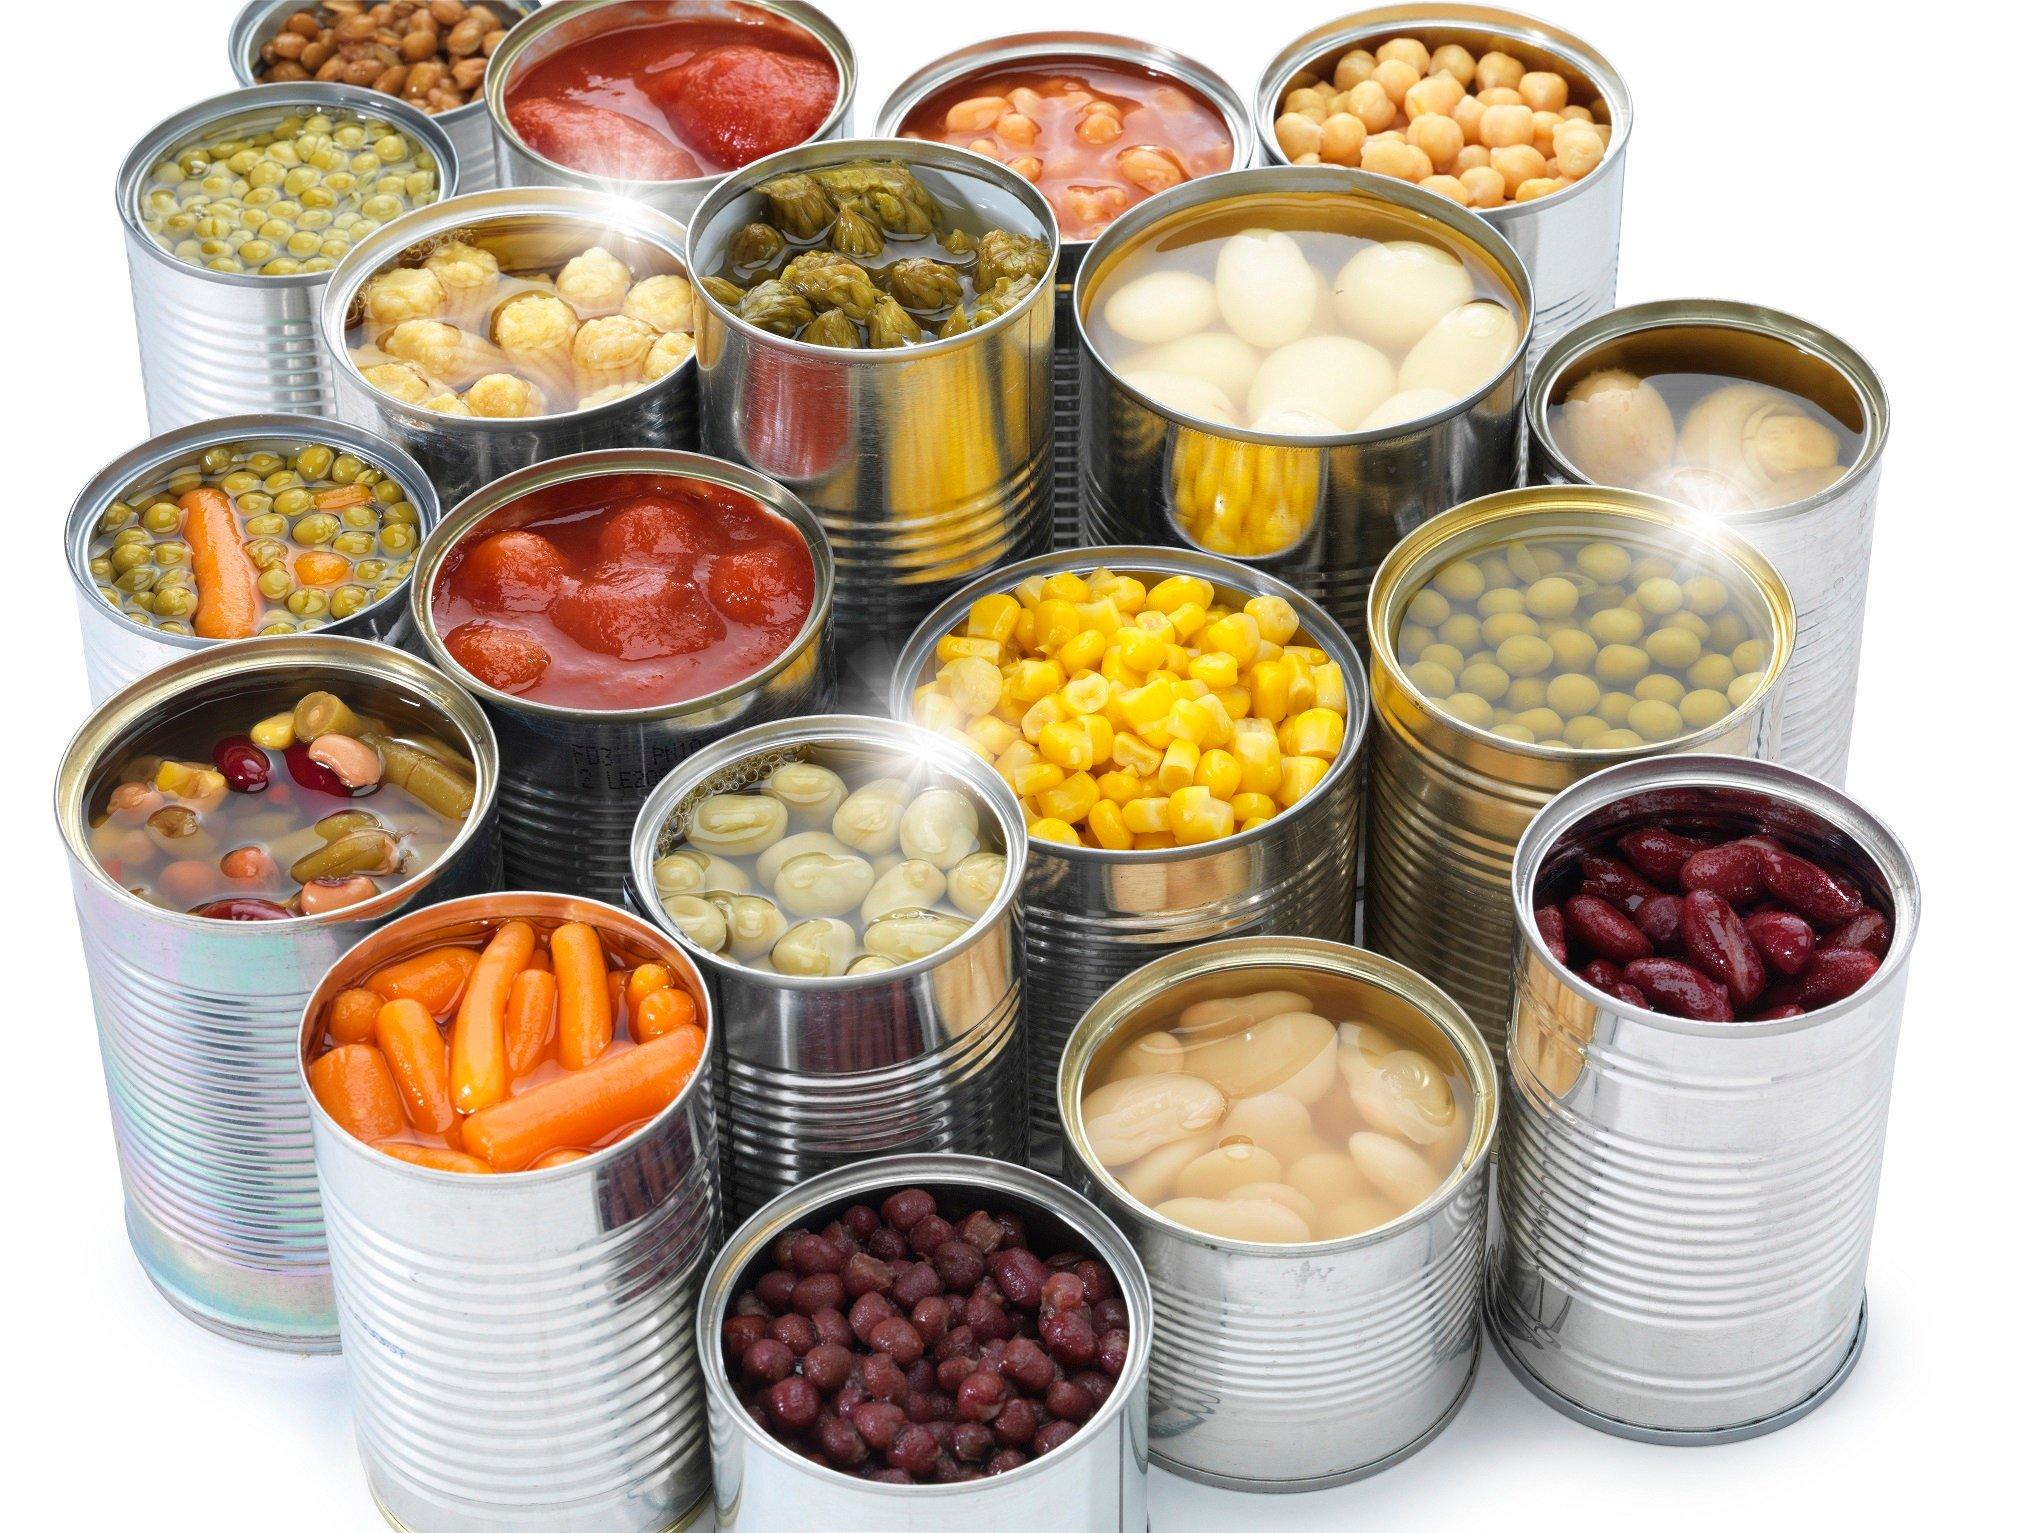 15 alimentos que da an tu salud y debes dejar de comer - Alimentos que no engordan para cenar ...